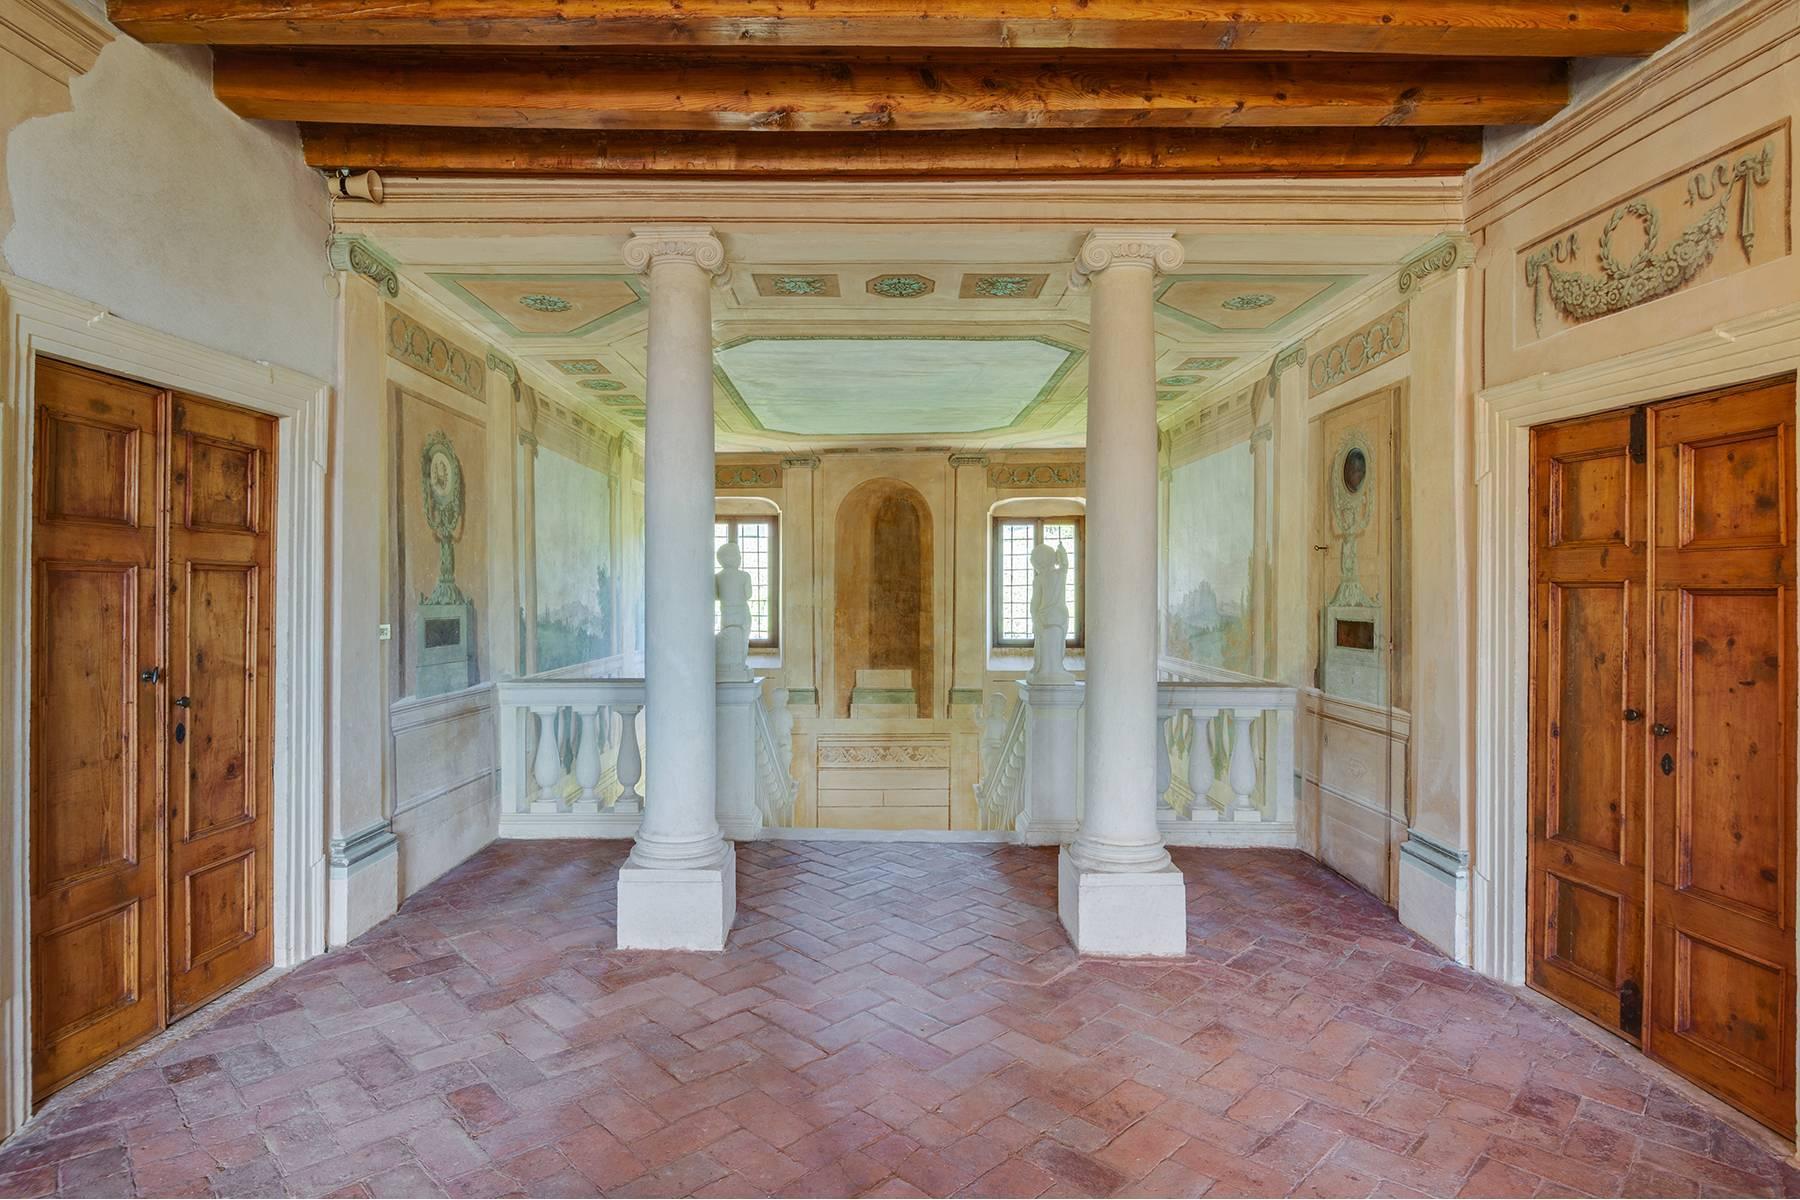 Historische Villa mit Park und prächtigem alten Keller, umgeben von Weinbergen - 14